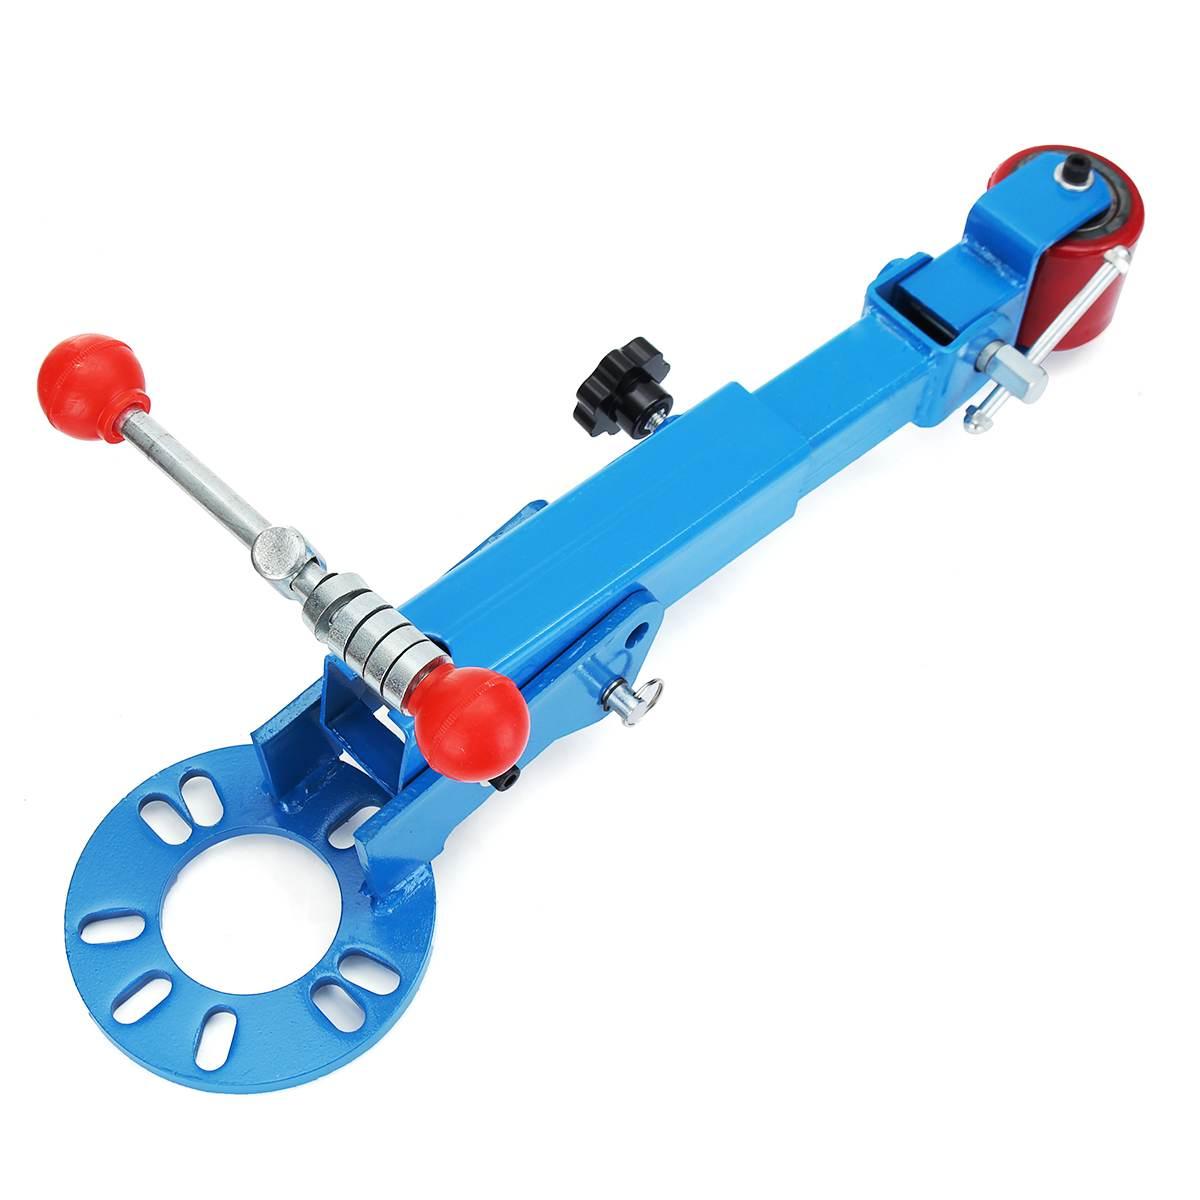 Azul Rolo para Fender Reforma Estendendo Ferramenta Roda Arch Rolo Queima Antigo Pesado Peças de Máquinas Para Trabalhar Madeira